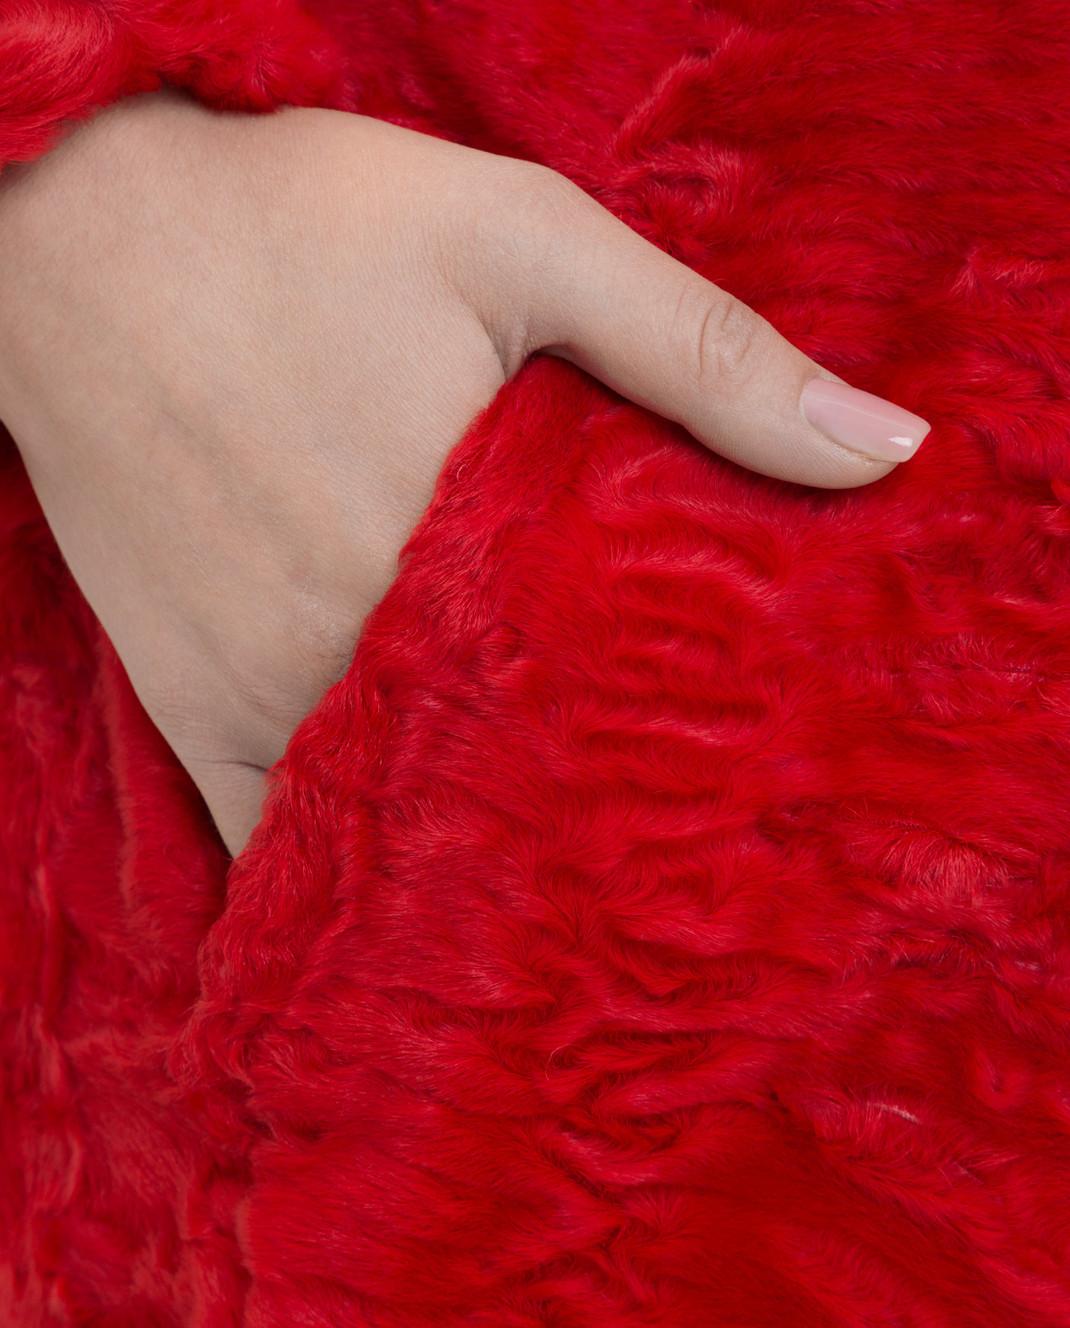 Giambattista Valli Красная шуба из персидского ягненка с воротником из меха норки GBE45A00CPP0365 изображение 5